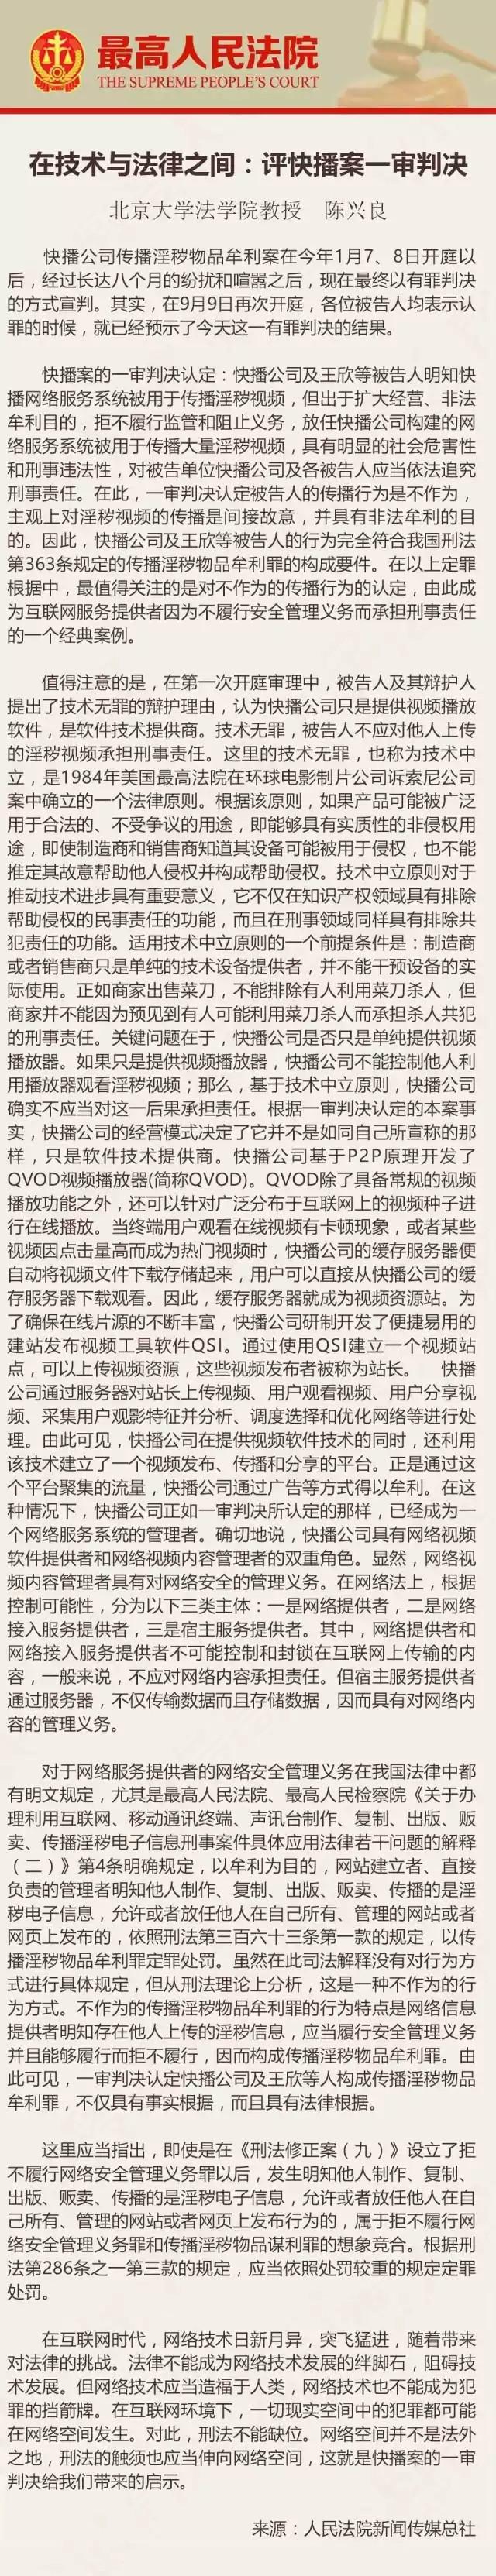 陈兴良、张明楷卢建平评快播案(附判决主文)